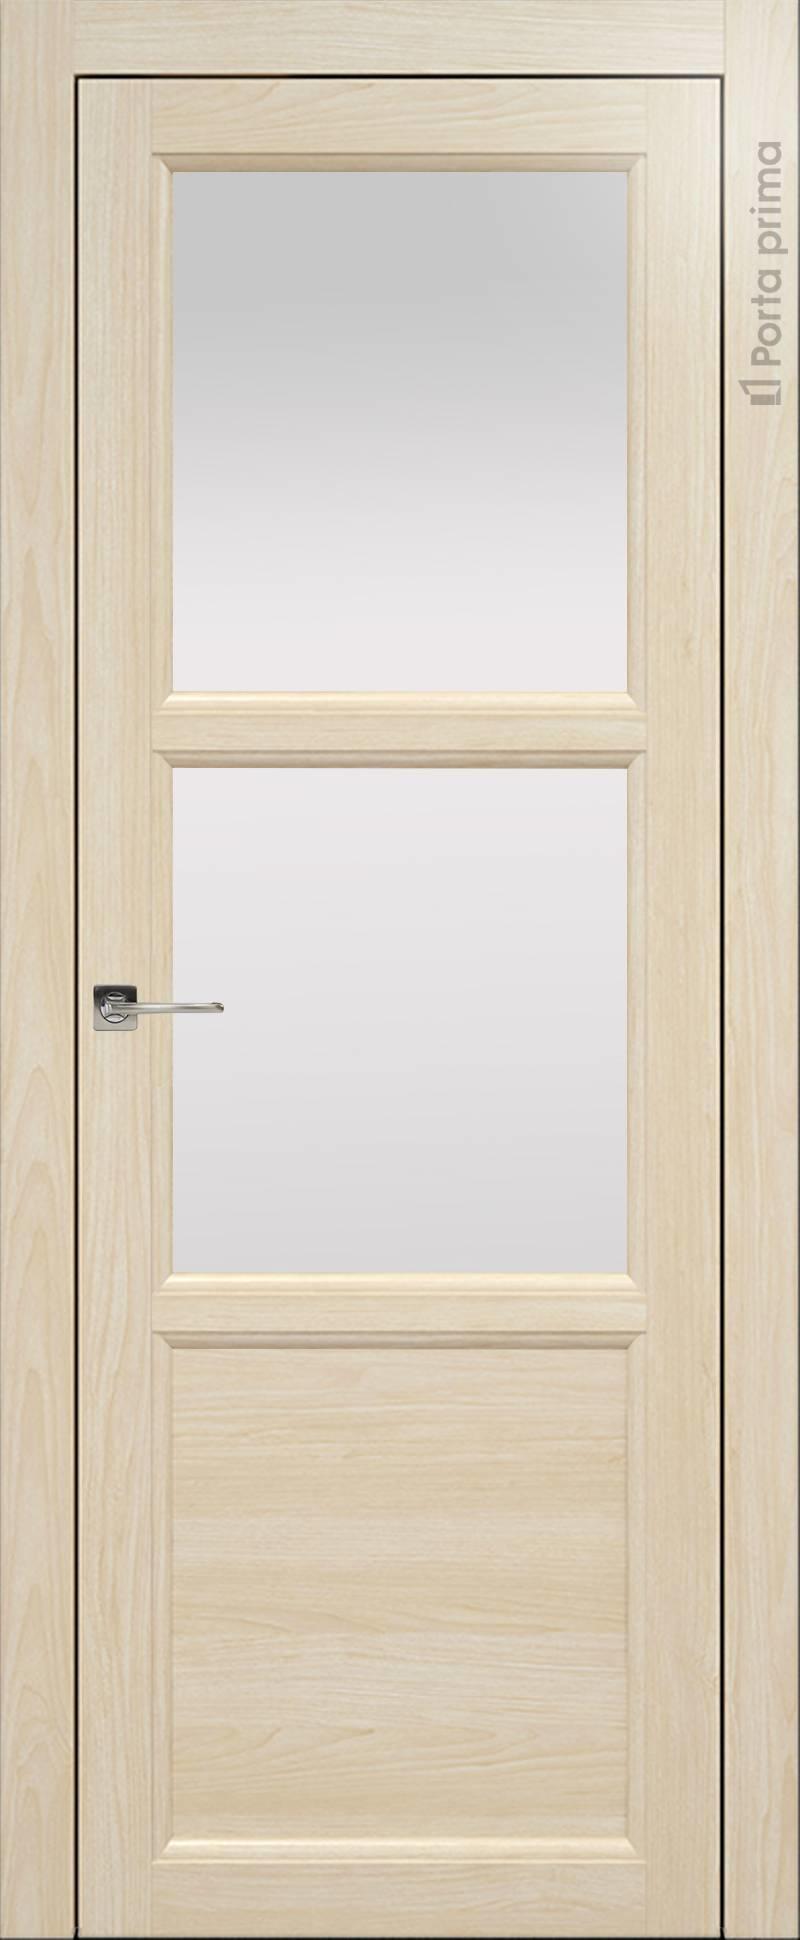 Sorrento-R Б2 цвет - Клен Со стеклом (ДО)